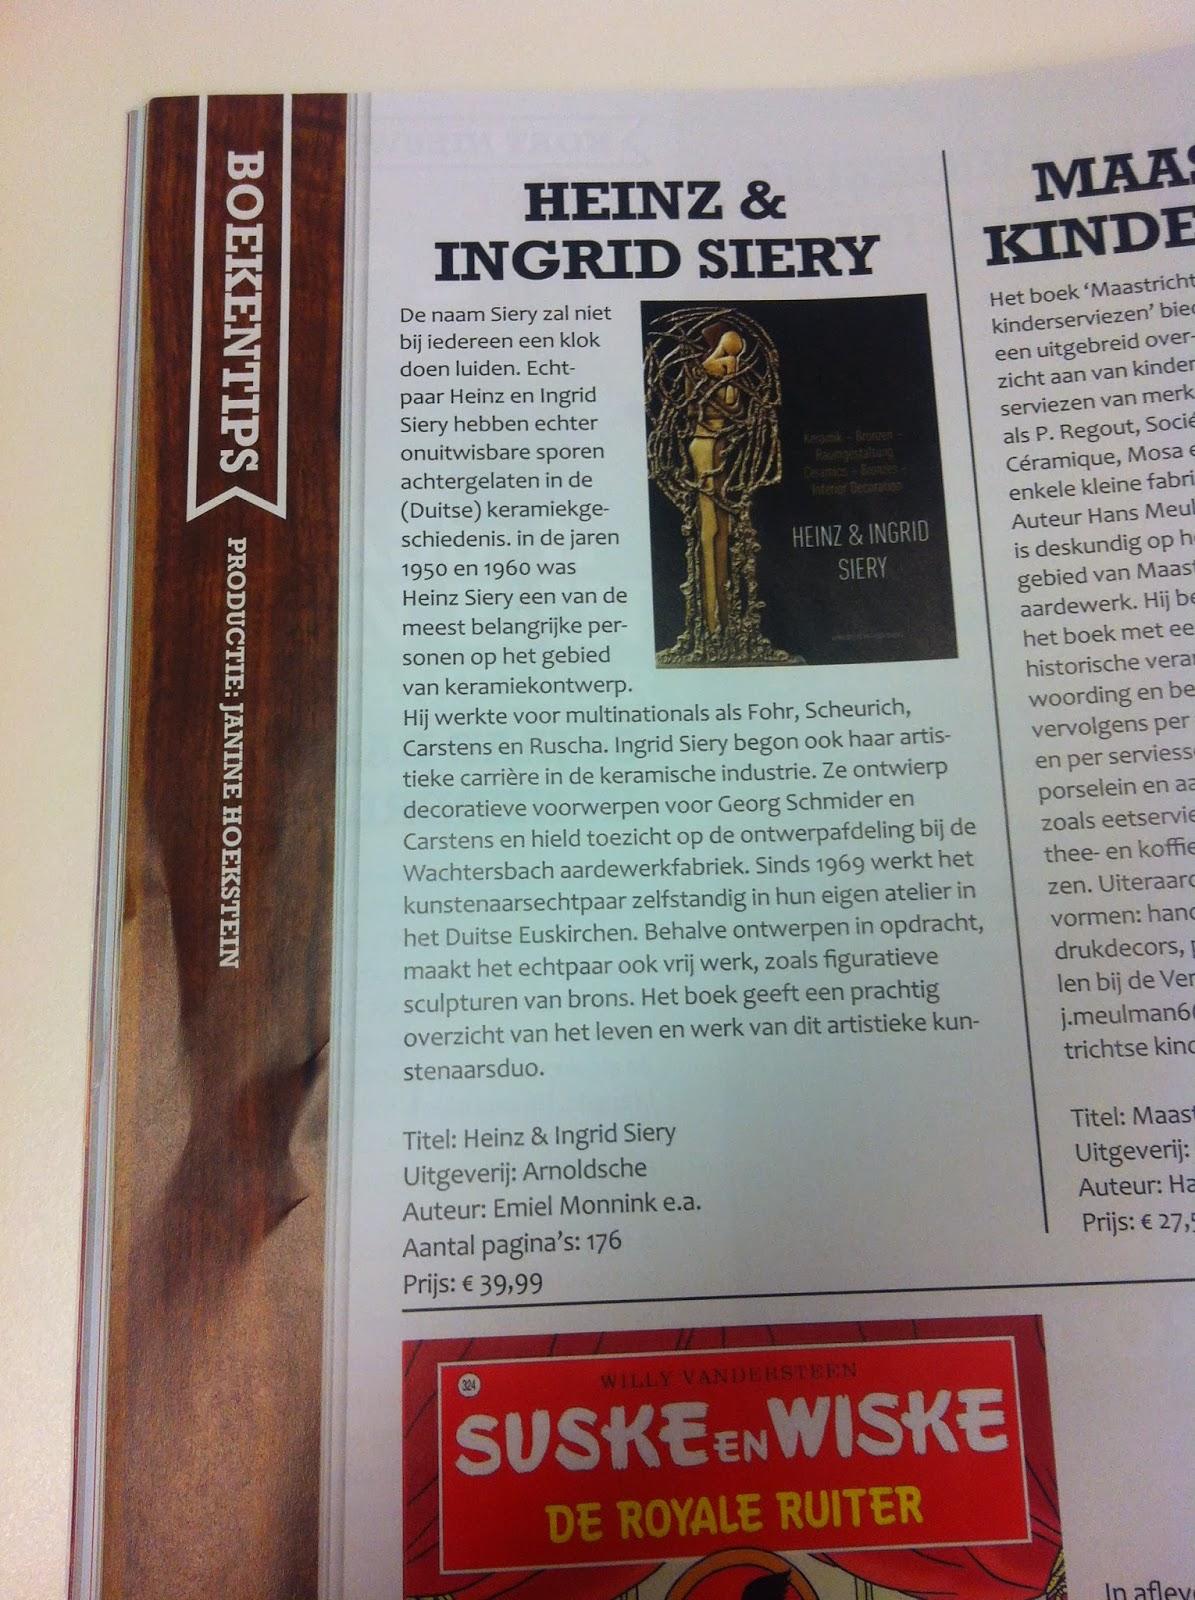 artikel over boek Heinz en Ingrid Siery